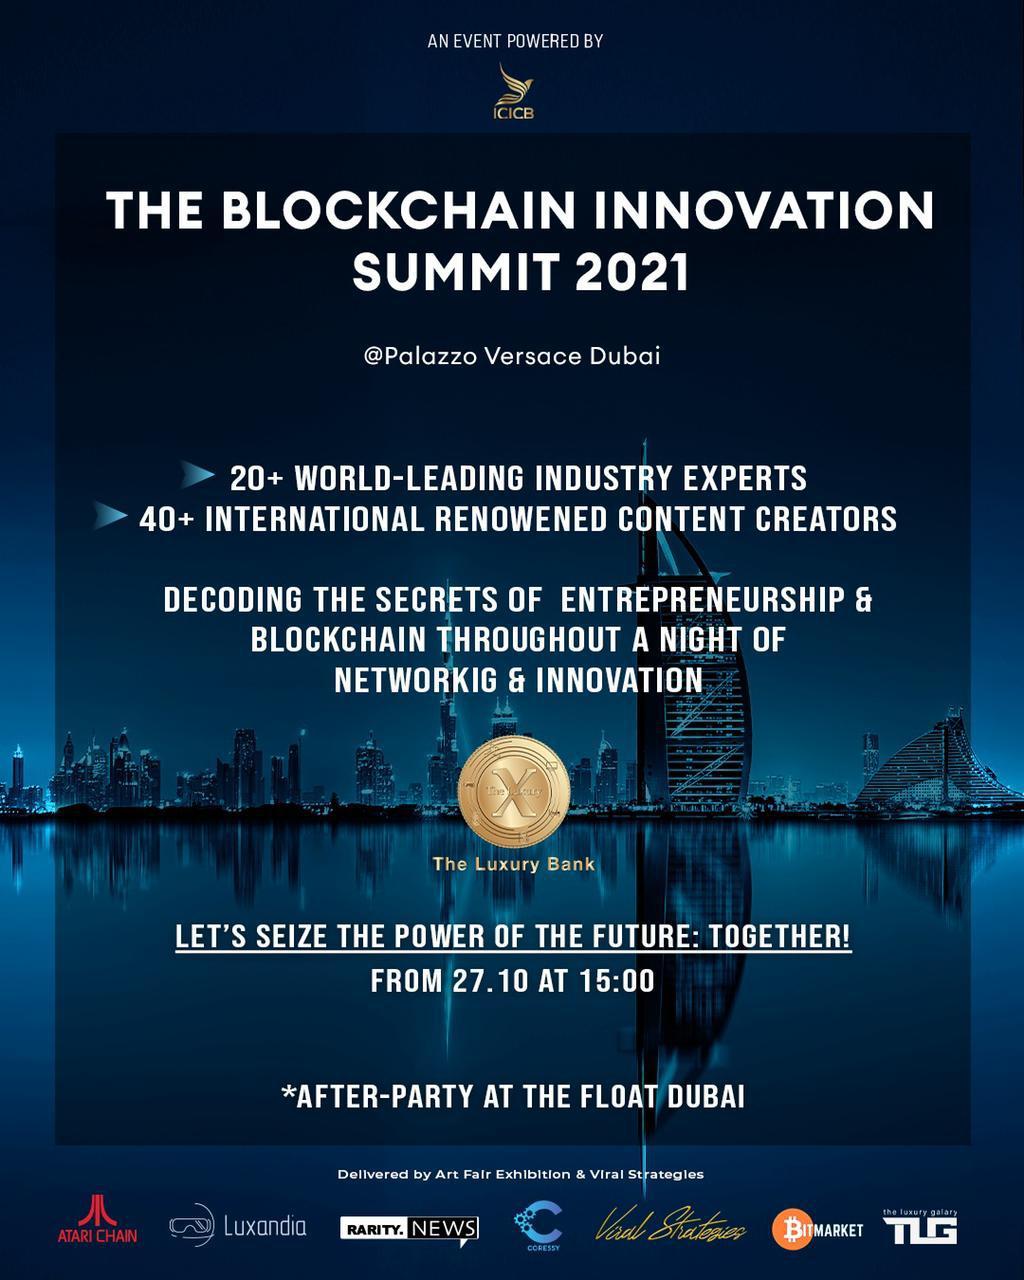 The Blockchain Innovation Summit